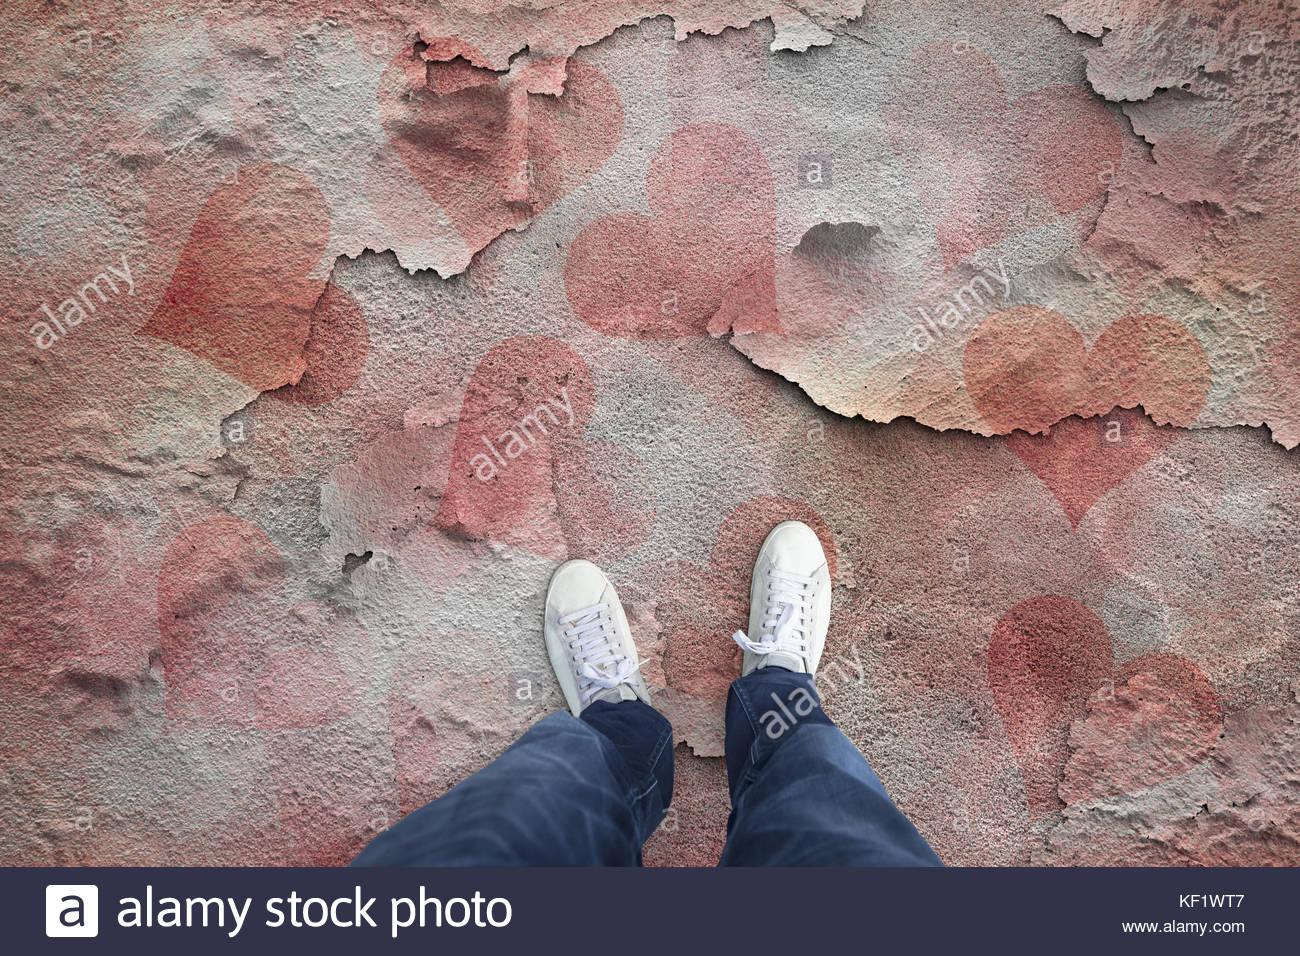 Mann stand auf dem gebrochen und Risse im Boden mit gemalten Lila rote Herzen. Persönliche Perspektive verwendet. Stockbild